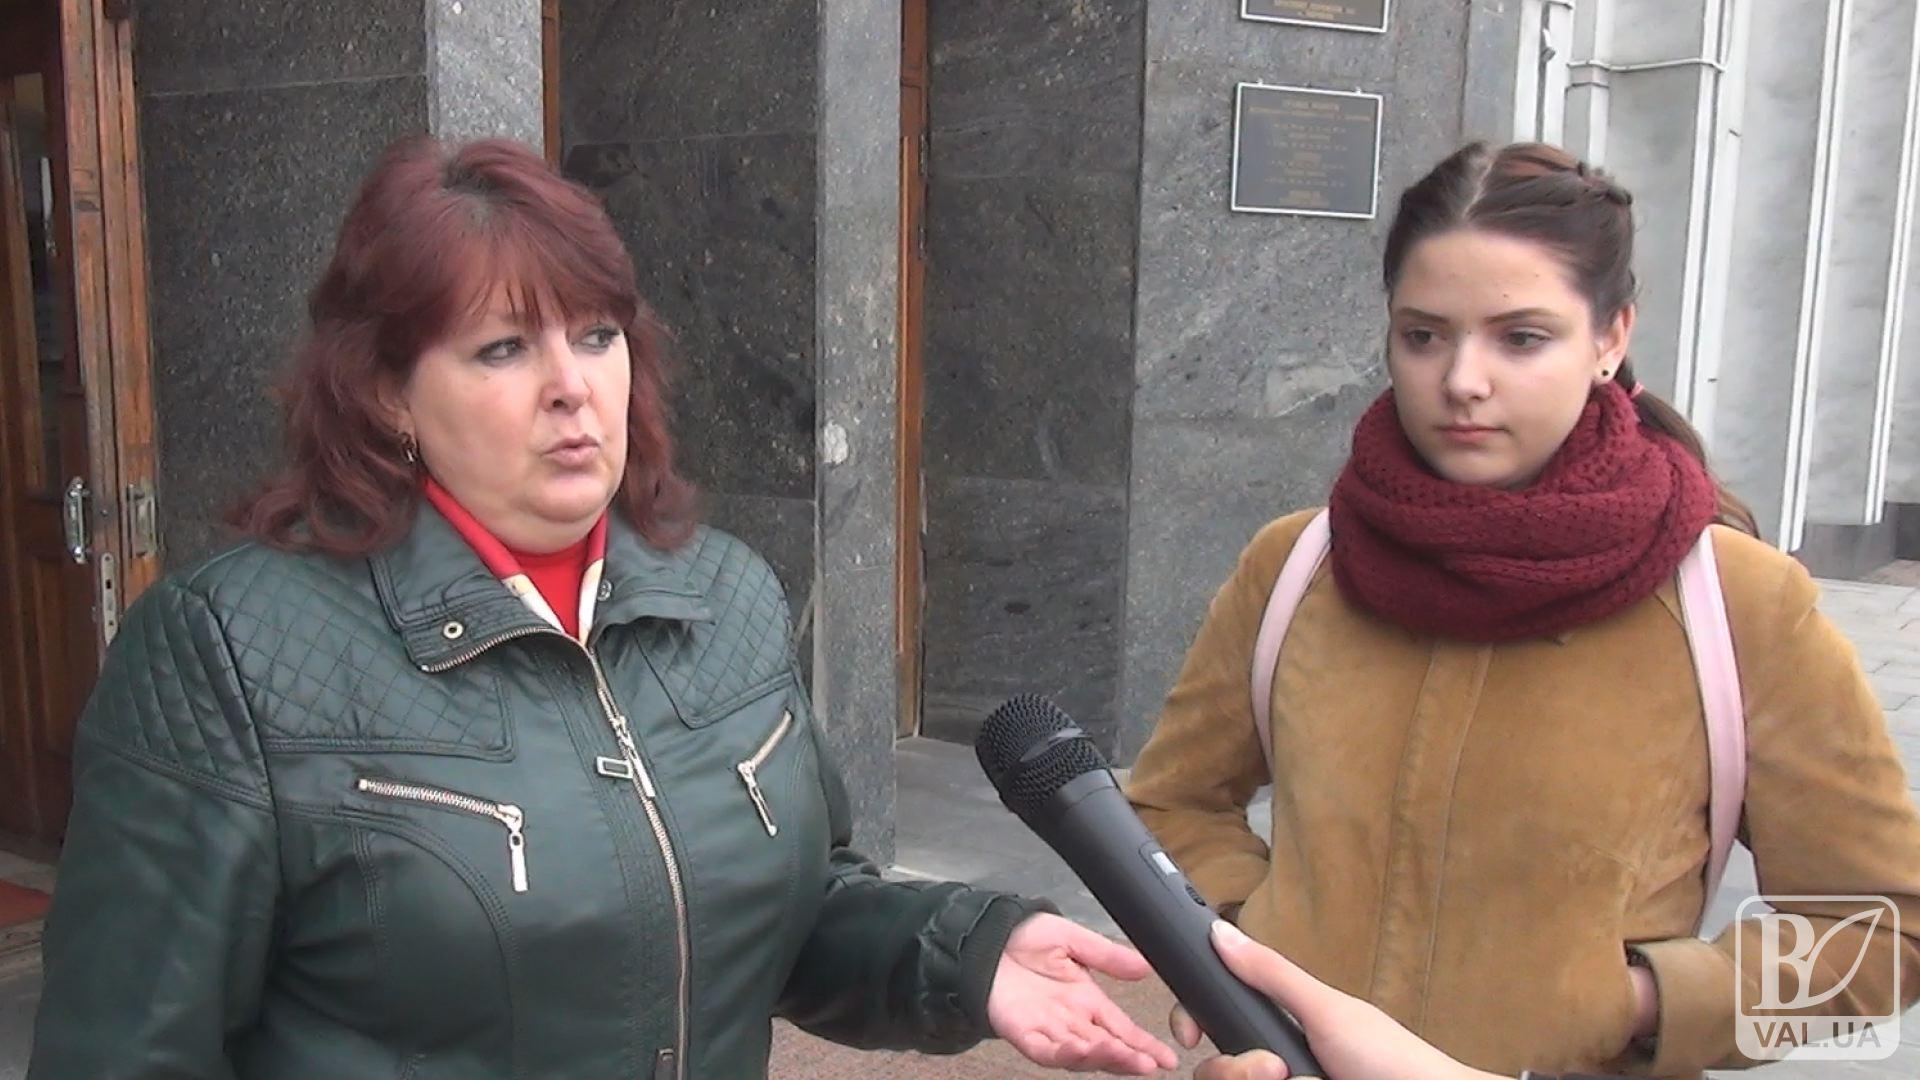 Дело Малоштан закрыли от общественности, а родственники Полины не верят в справедливое правосудие. ВИДЕО